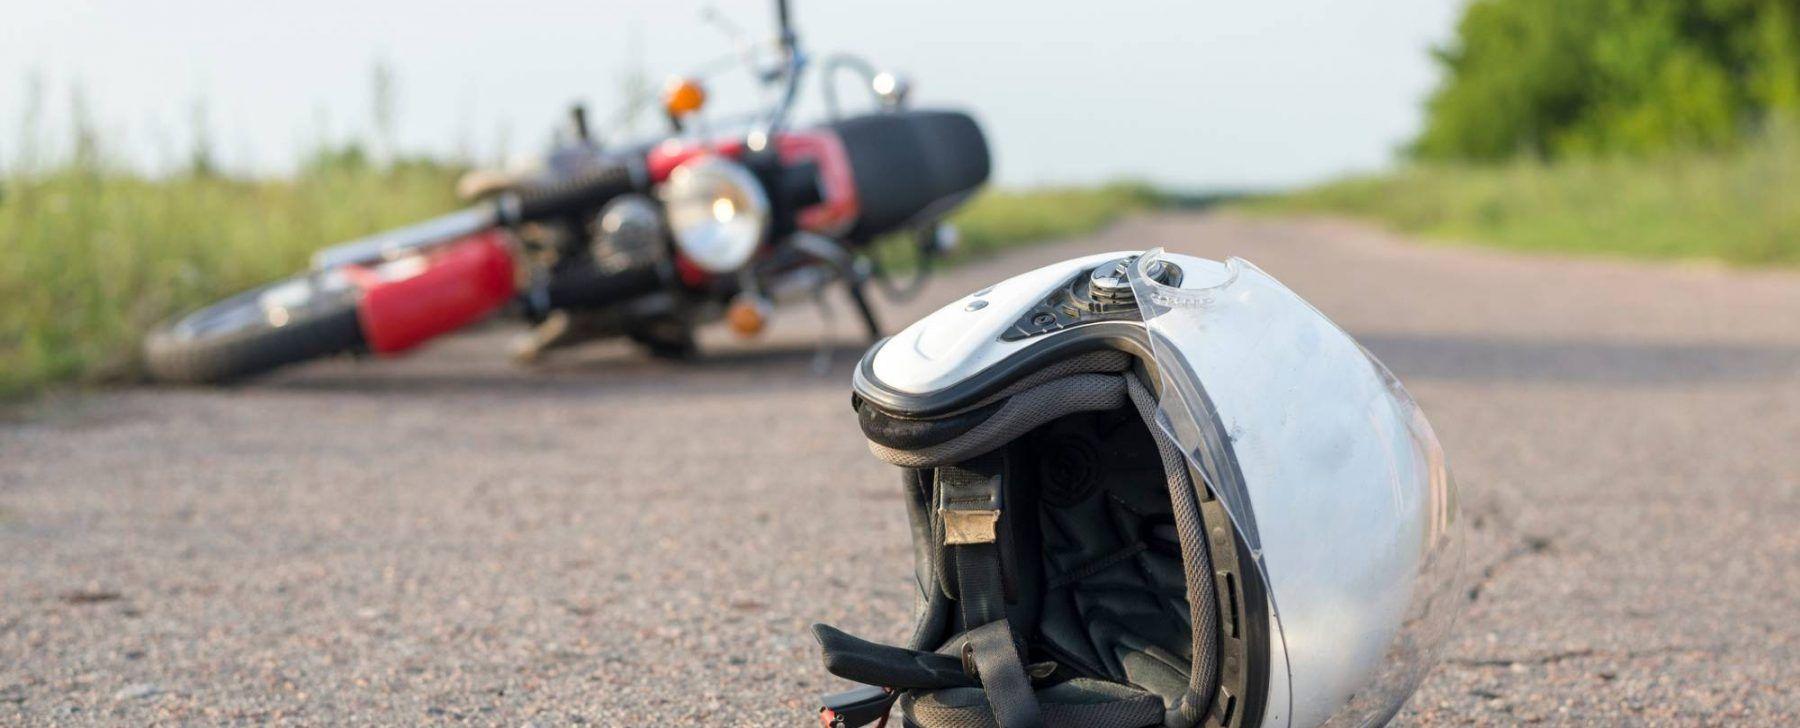 Muertes de motociclistas bajaron en el país, pero en el Huila siguen subiendo